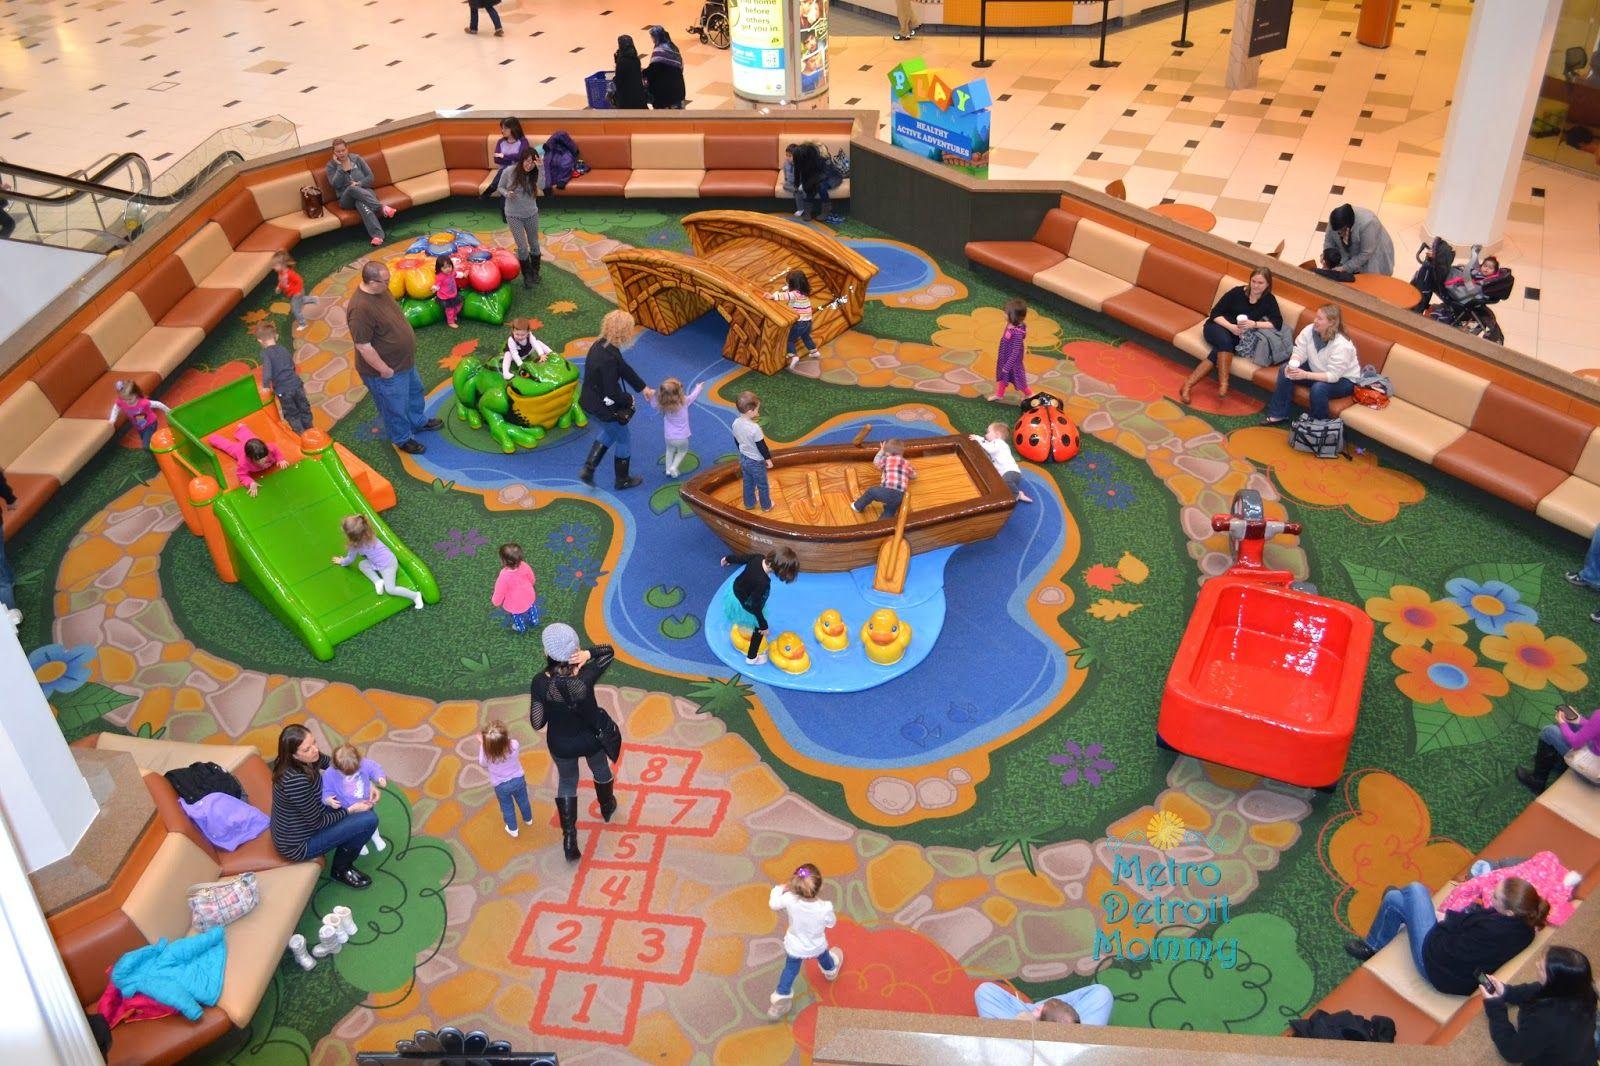 Aurora Il Indoor Fun For Kids